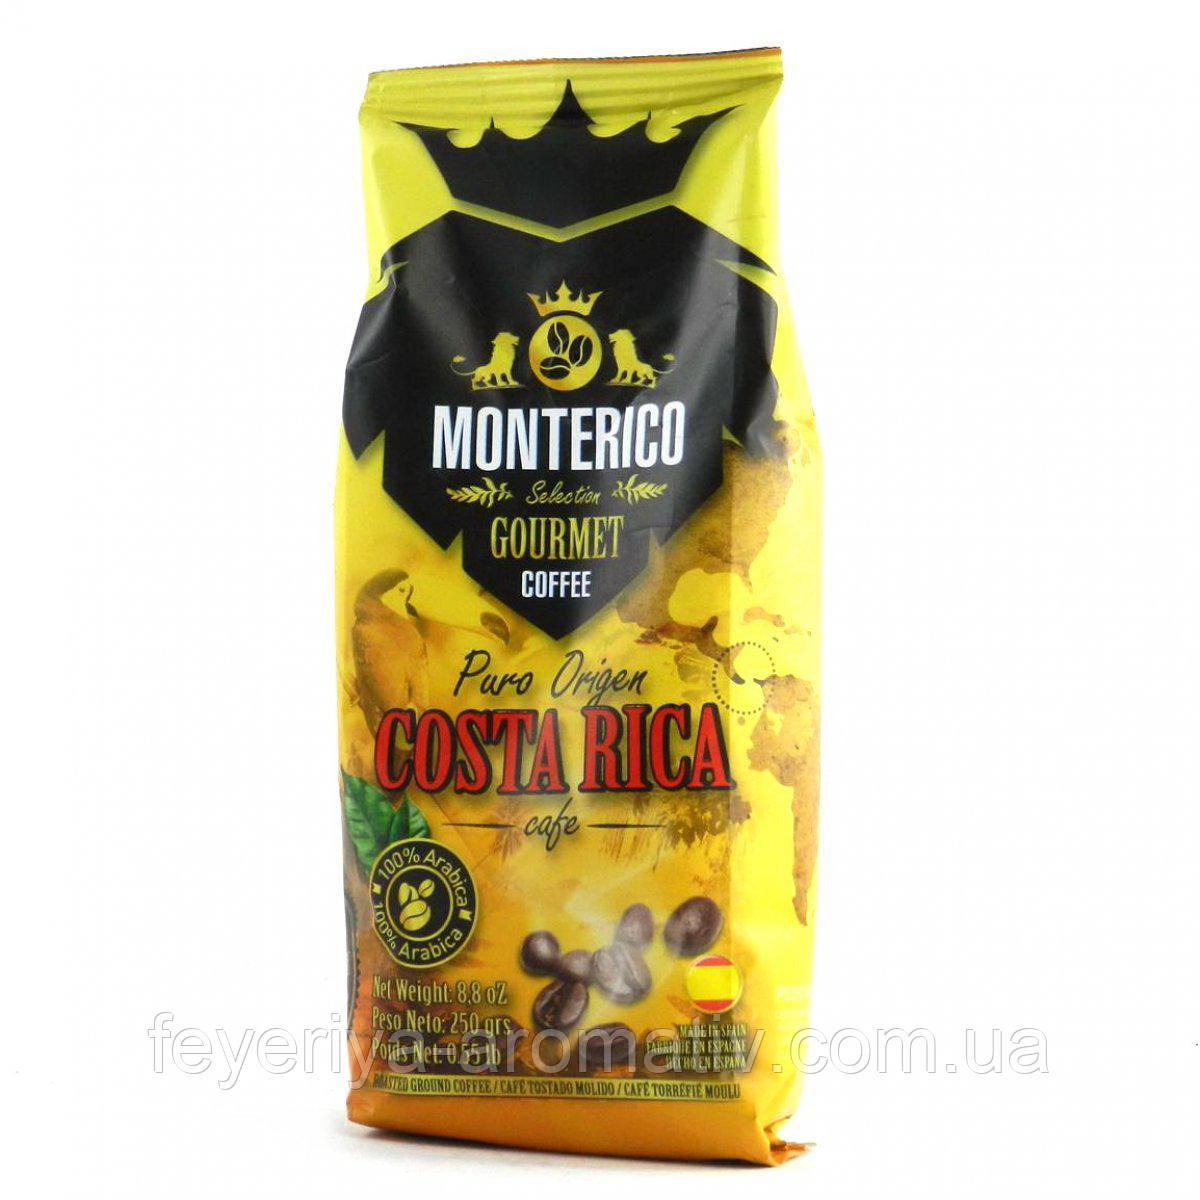 Кофе молотый Monterico Puro Origen Costa Rica, 250 гр (Испания)